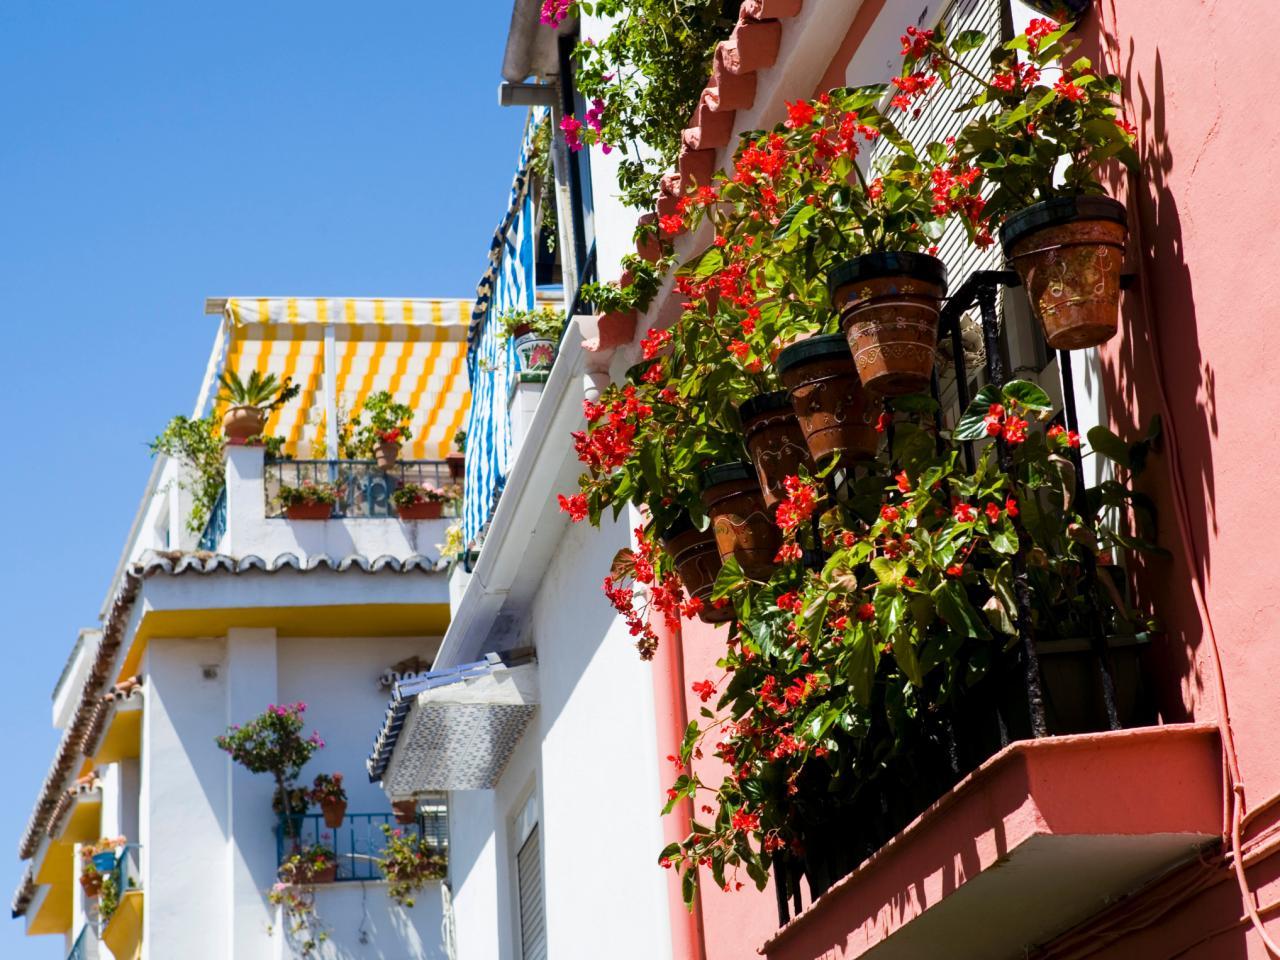 Цветы в керамических горшках на балконе